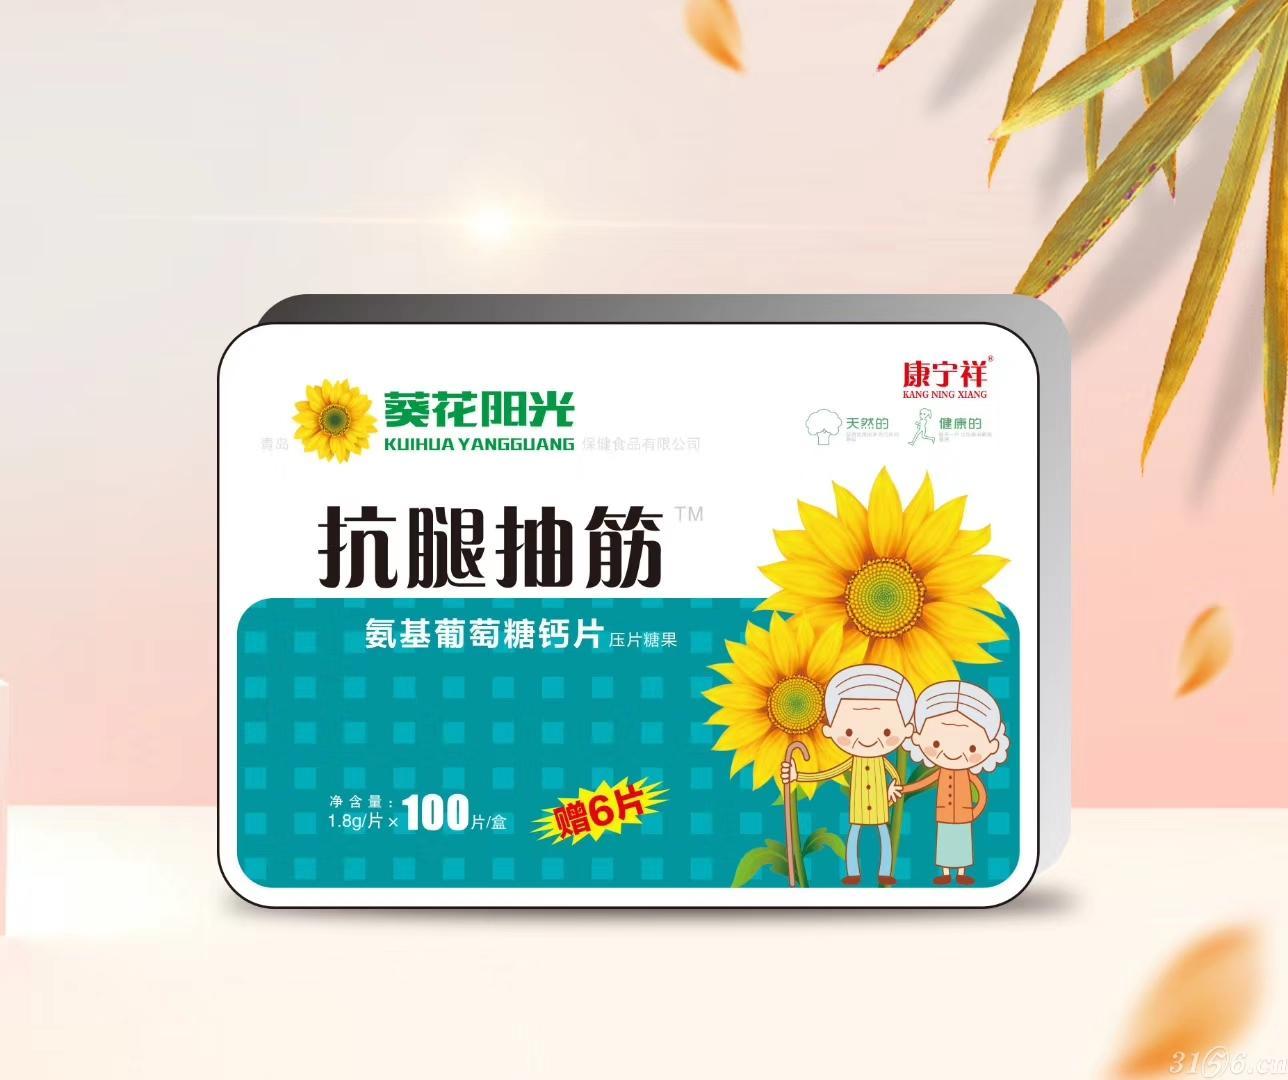 葵花陽光抗腿抽筋氨基葡萄糖鈣片(鐵盒)